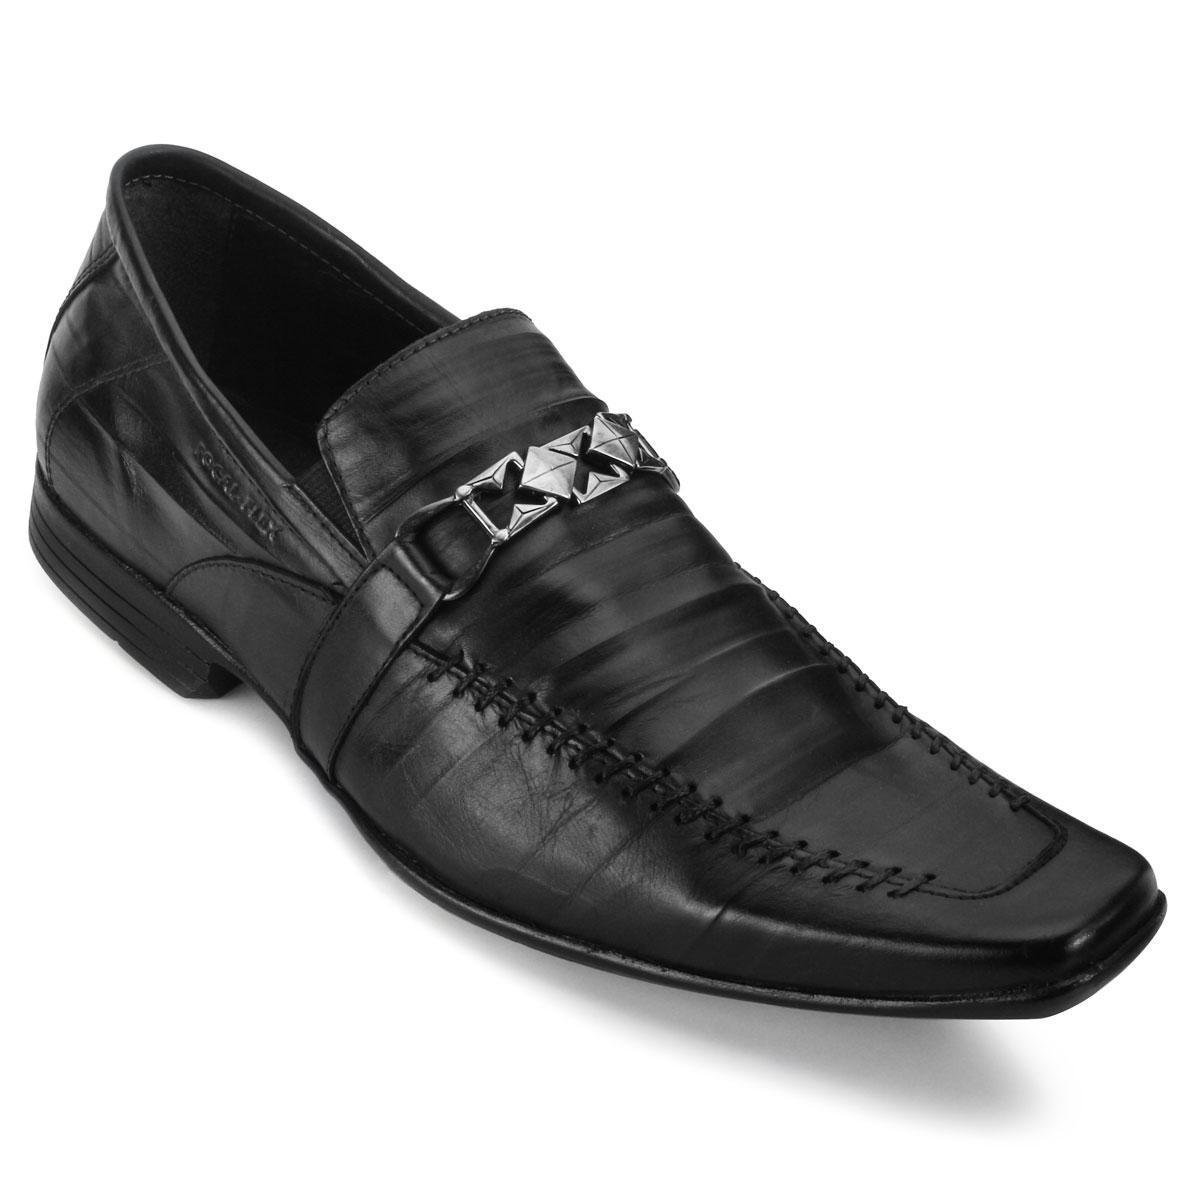 Sapato Flex Sapato Masculino Focal Preto 6935 Masculino TTqwRH